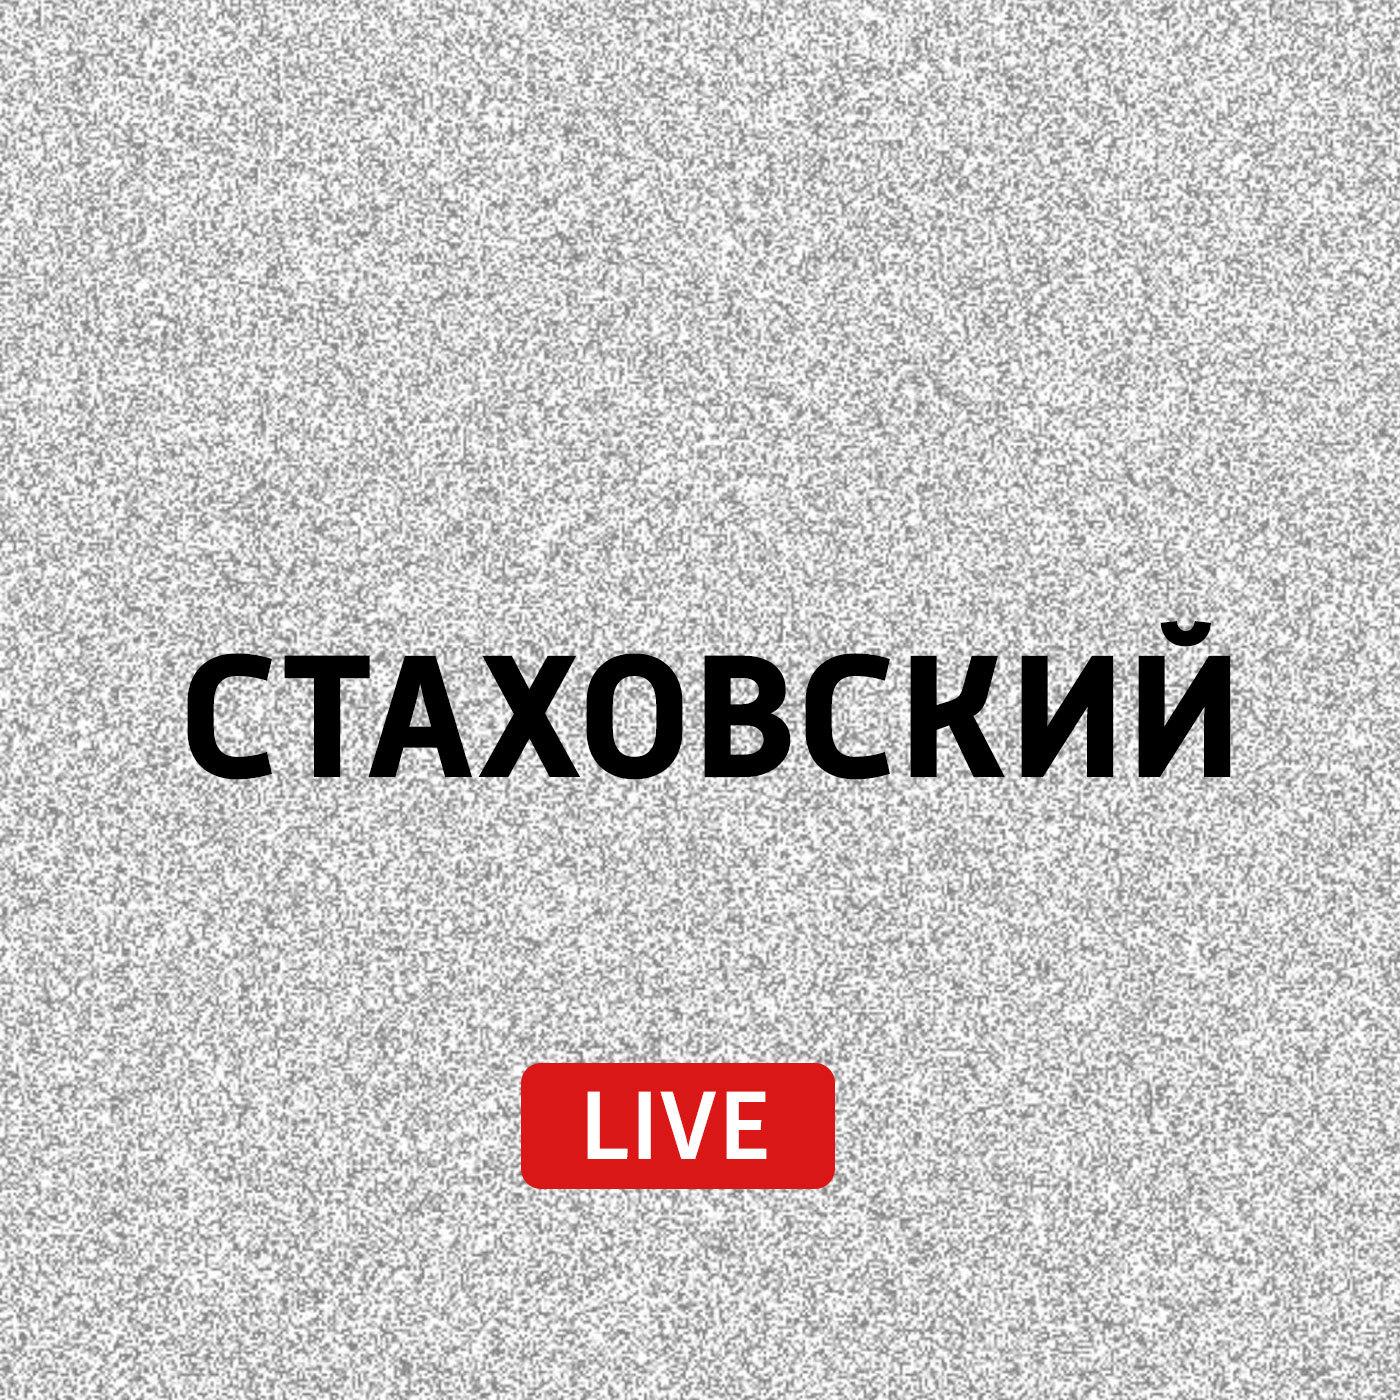 Евгений Стаховский О человечестве, войне и путешествиях yamaha apx500iii vintage sunburst